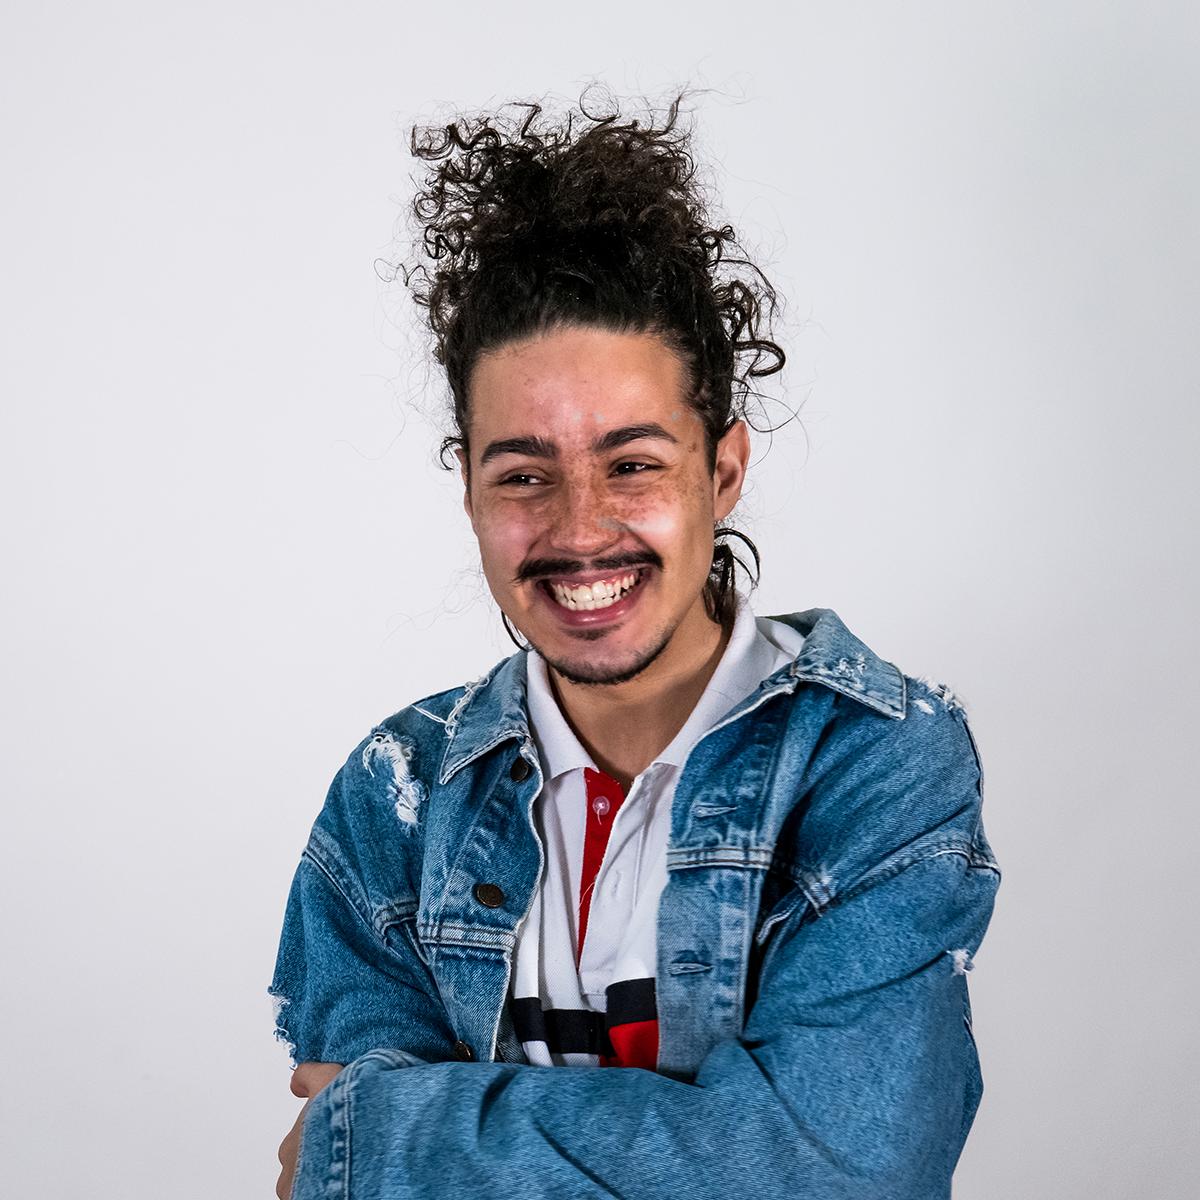 Elias Abounakif